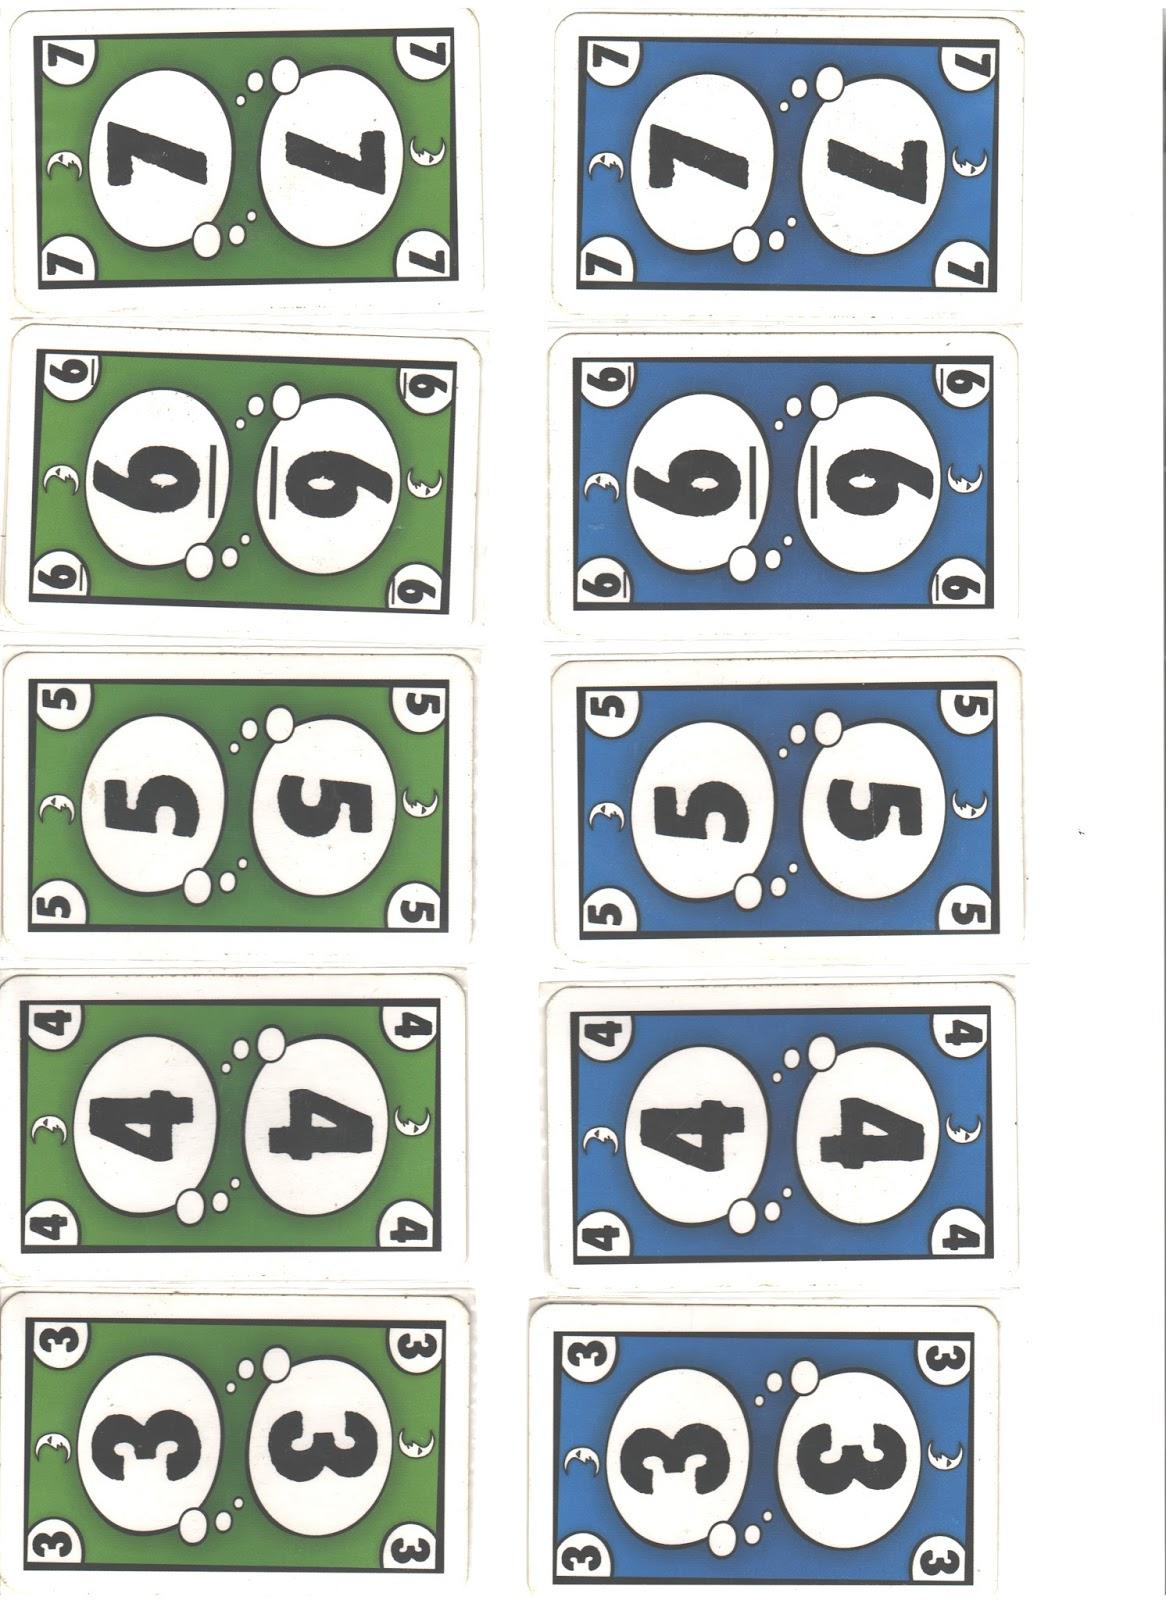 косынка играть по три карты онлайн бесплатно со счетом